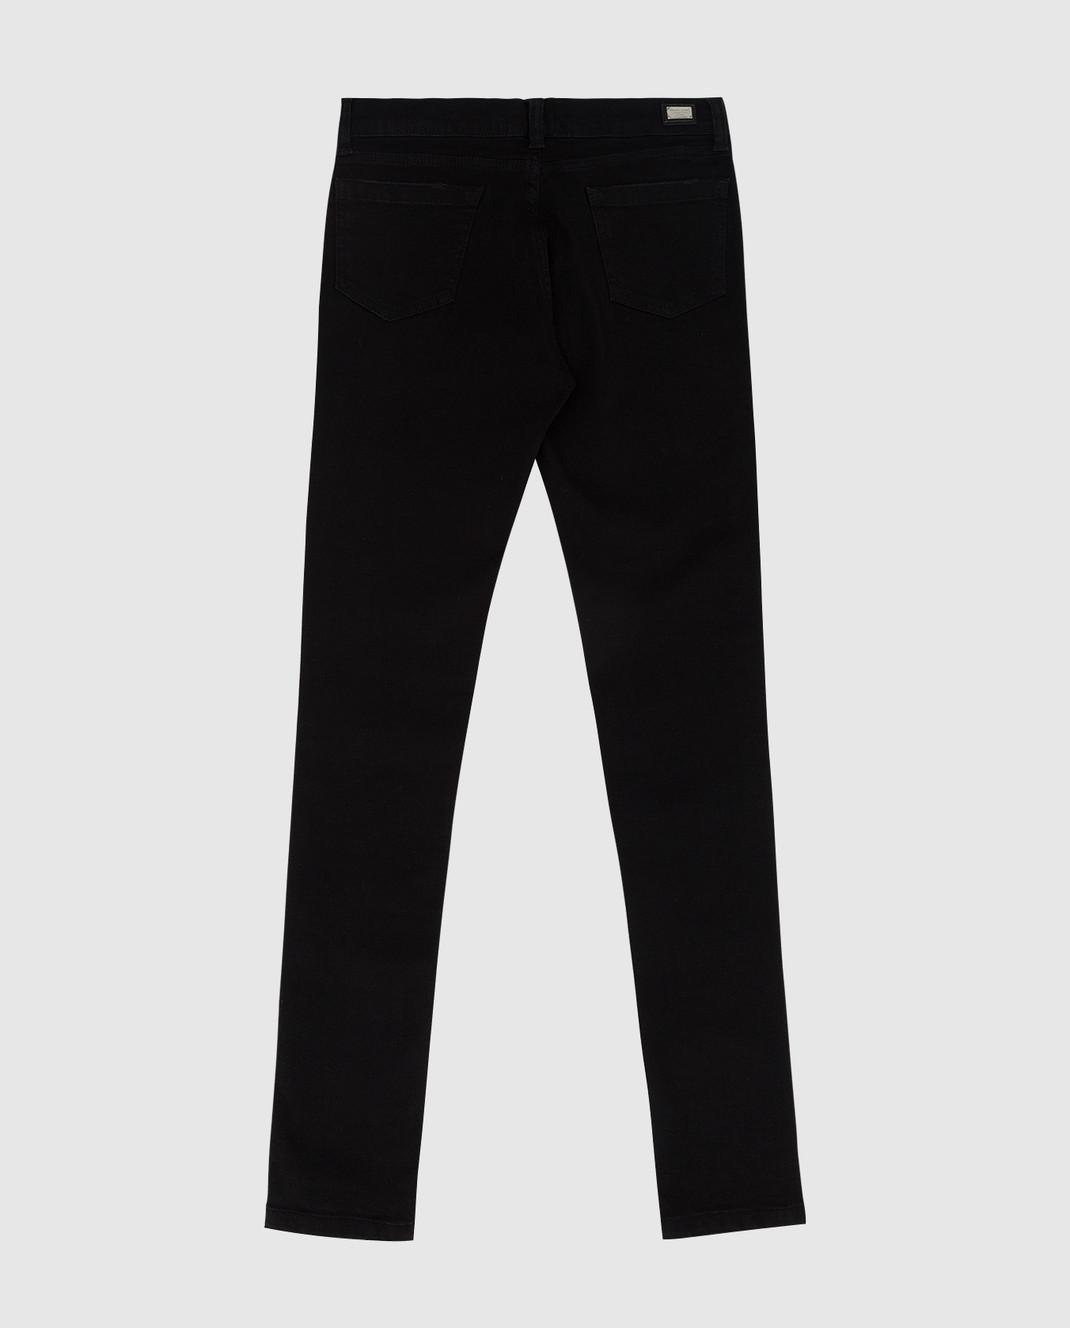 Philipp Plein Детские черные джинсы GDT01071216 изображение 2